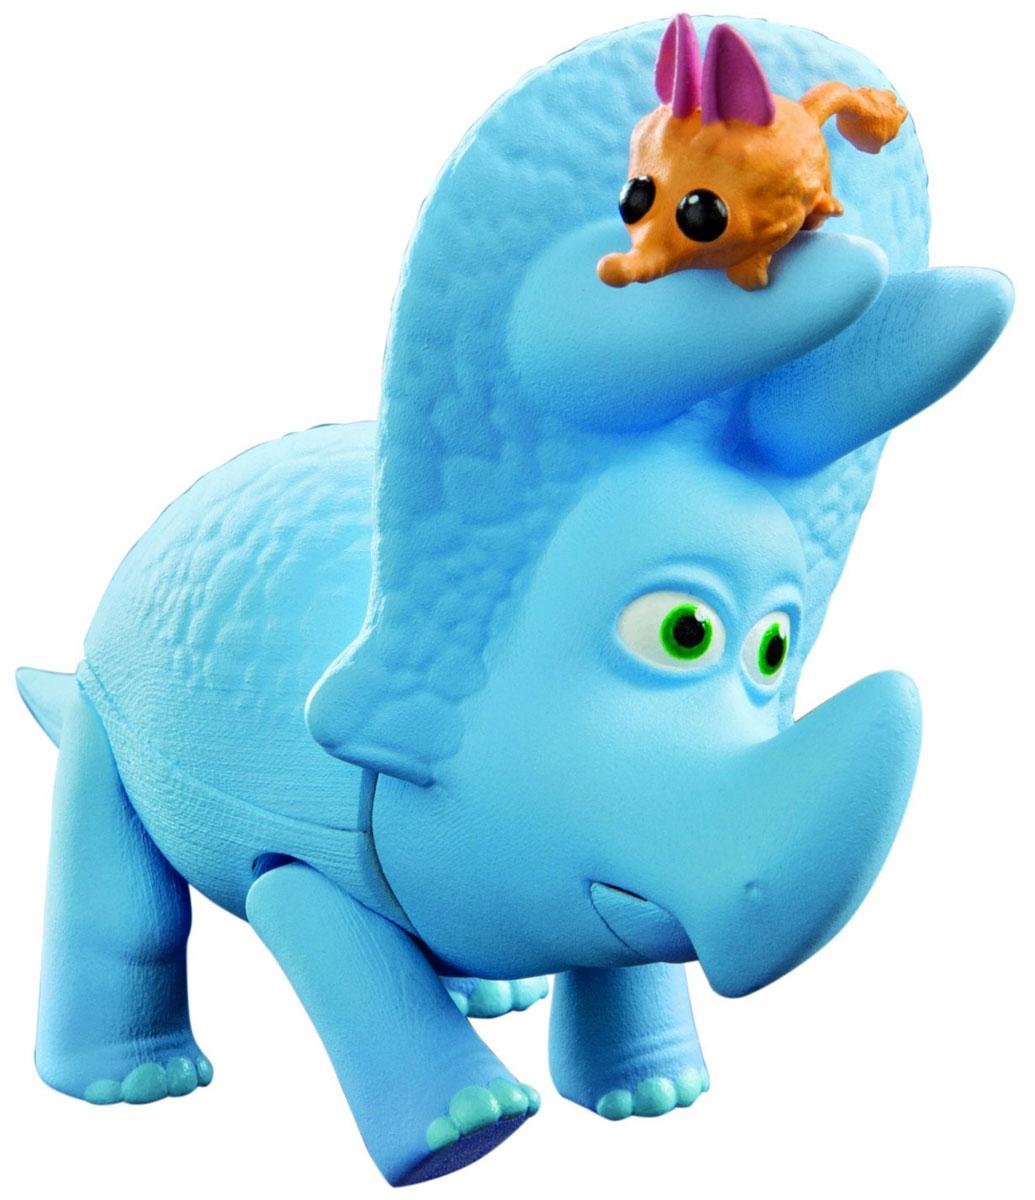 Хороший динозавр Фигурка Юный Сэм62005Фигурка Хороший динозавр Юный Сэм порадует юных любителей мультипликационного фильма Хороший динозавр. Мультфильм описывает увлекательные приключения апатозавра Арло, который отправился спасать мир! Сэм - милый динозаврик голубого цвета. У него несколько точек артикуляции: двигаются ноги и хвост, открывается пасть. Динозавр прекрасно детализирован и приближен к своему персонажу в мультике, что, несомненно, делает игру с такой игрушкой наиболее интересной и увлекательной. В комплекте с трицератопсом вы найдете фигурку грызуна. Ваш ребенок часами будет играть с такой игрушкой, придумывая различные истории. Порадуйте его таким замечательным подарком!